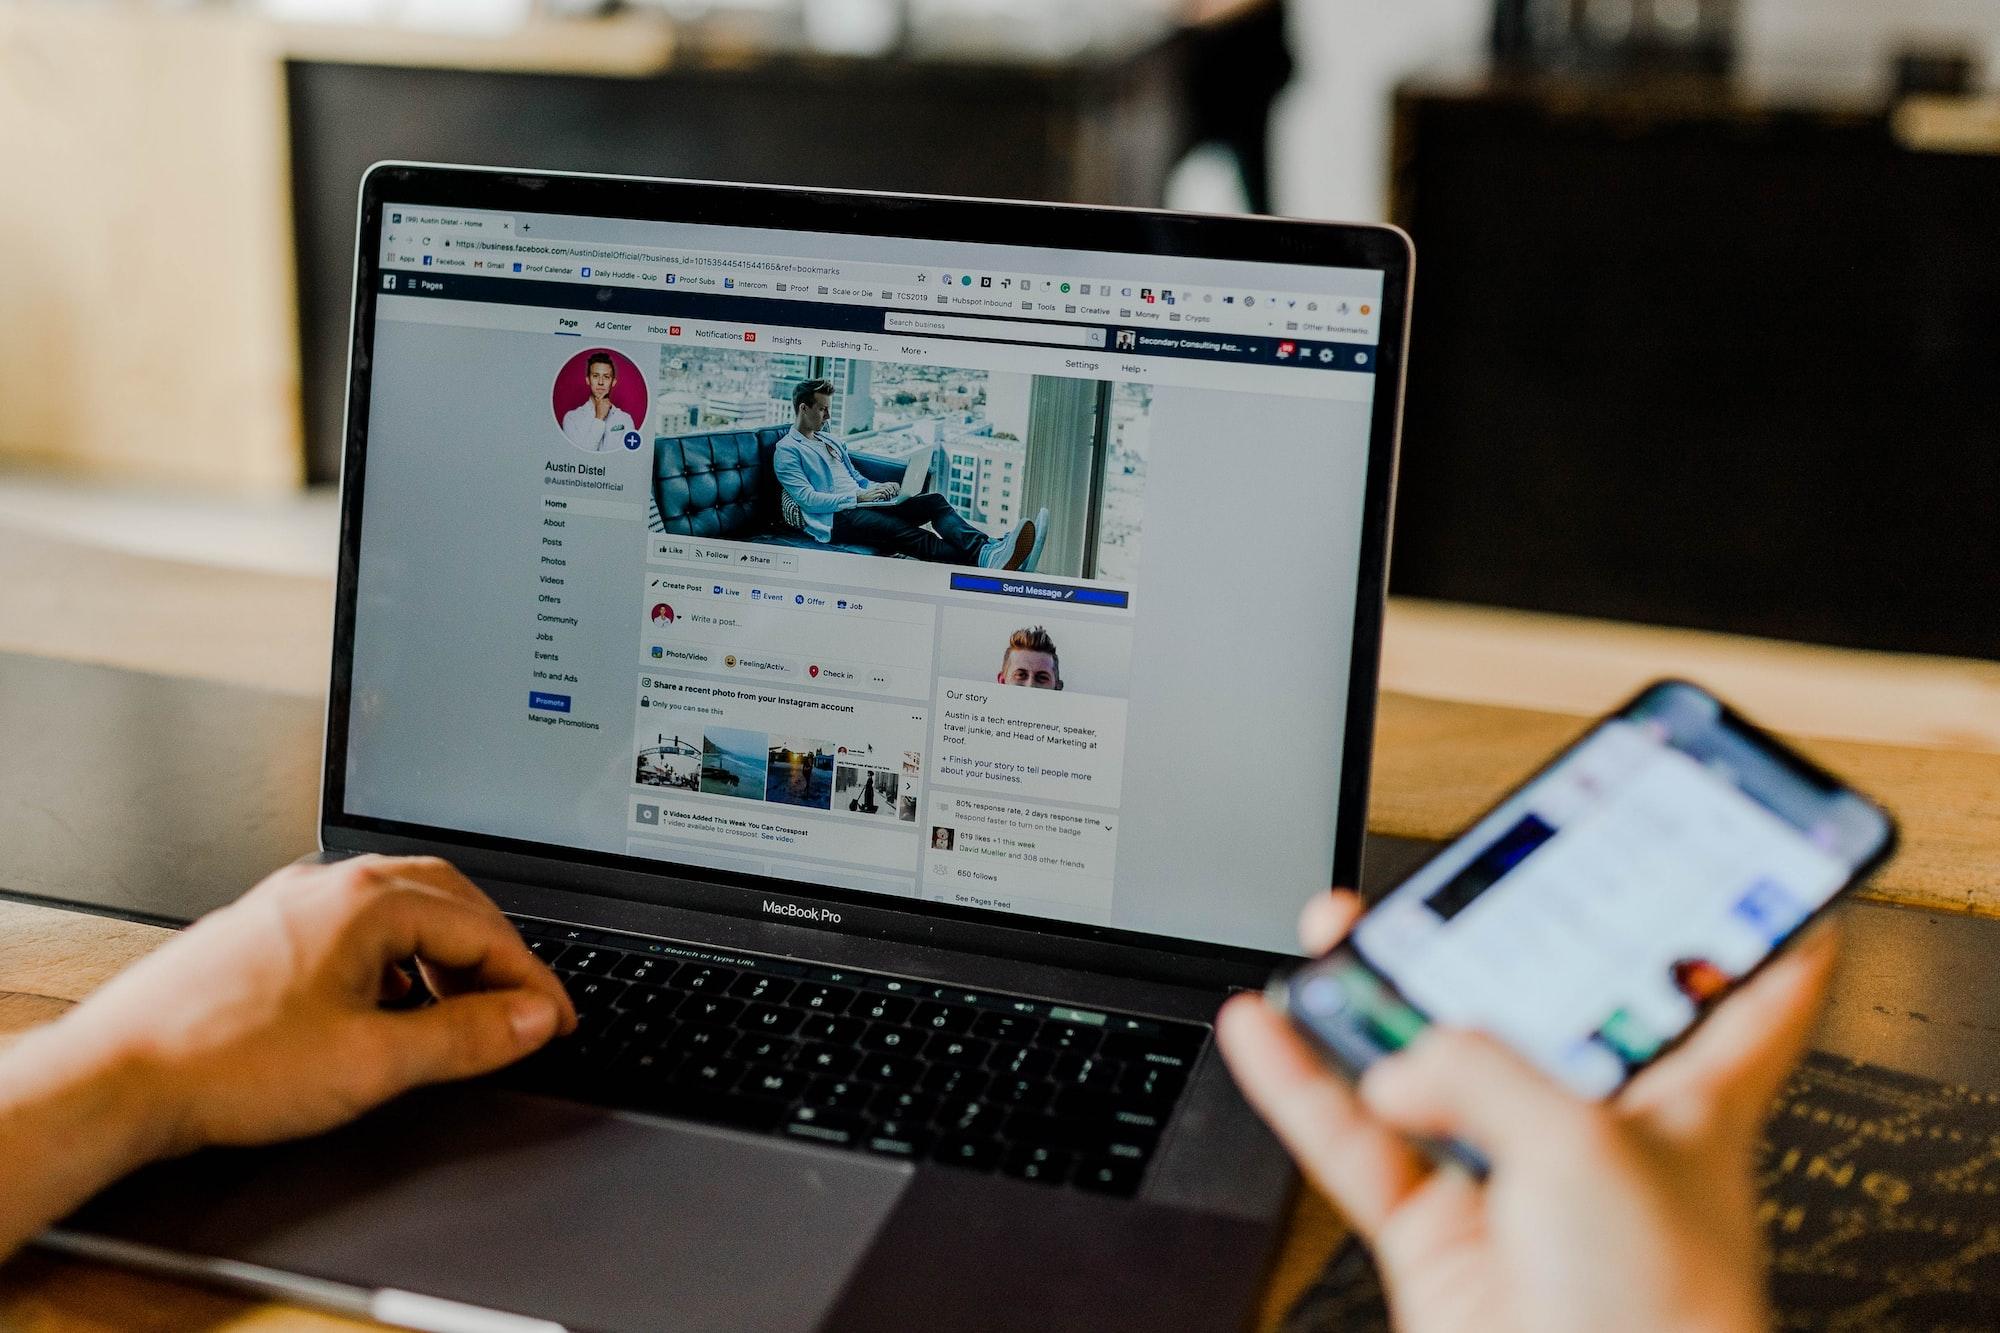 Личные данные более полумиллиарда пользователей Facebook опубликованы в открытом доступе